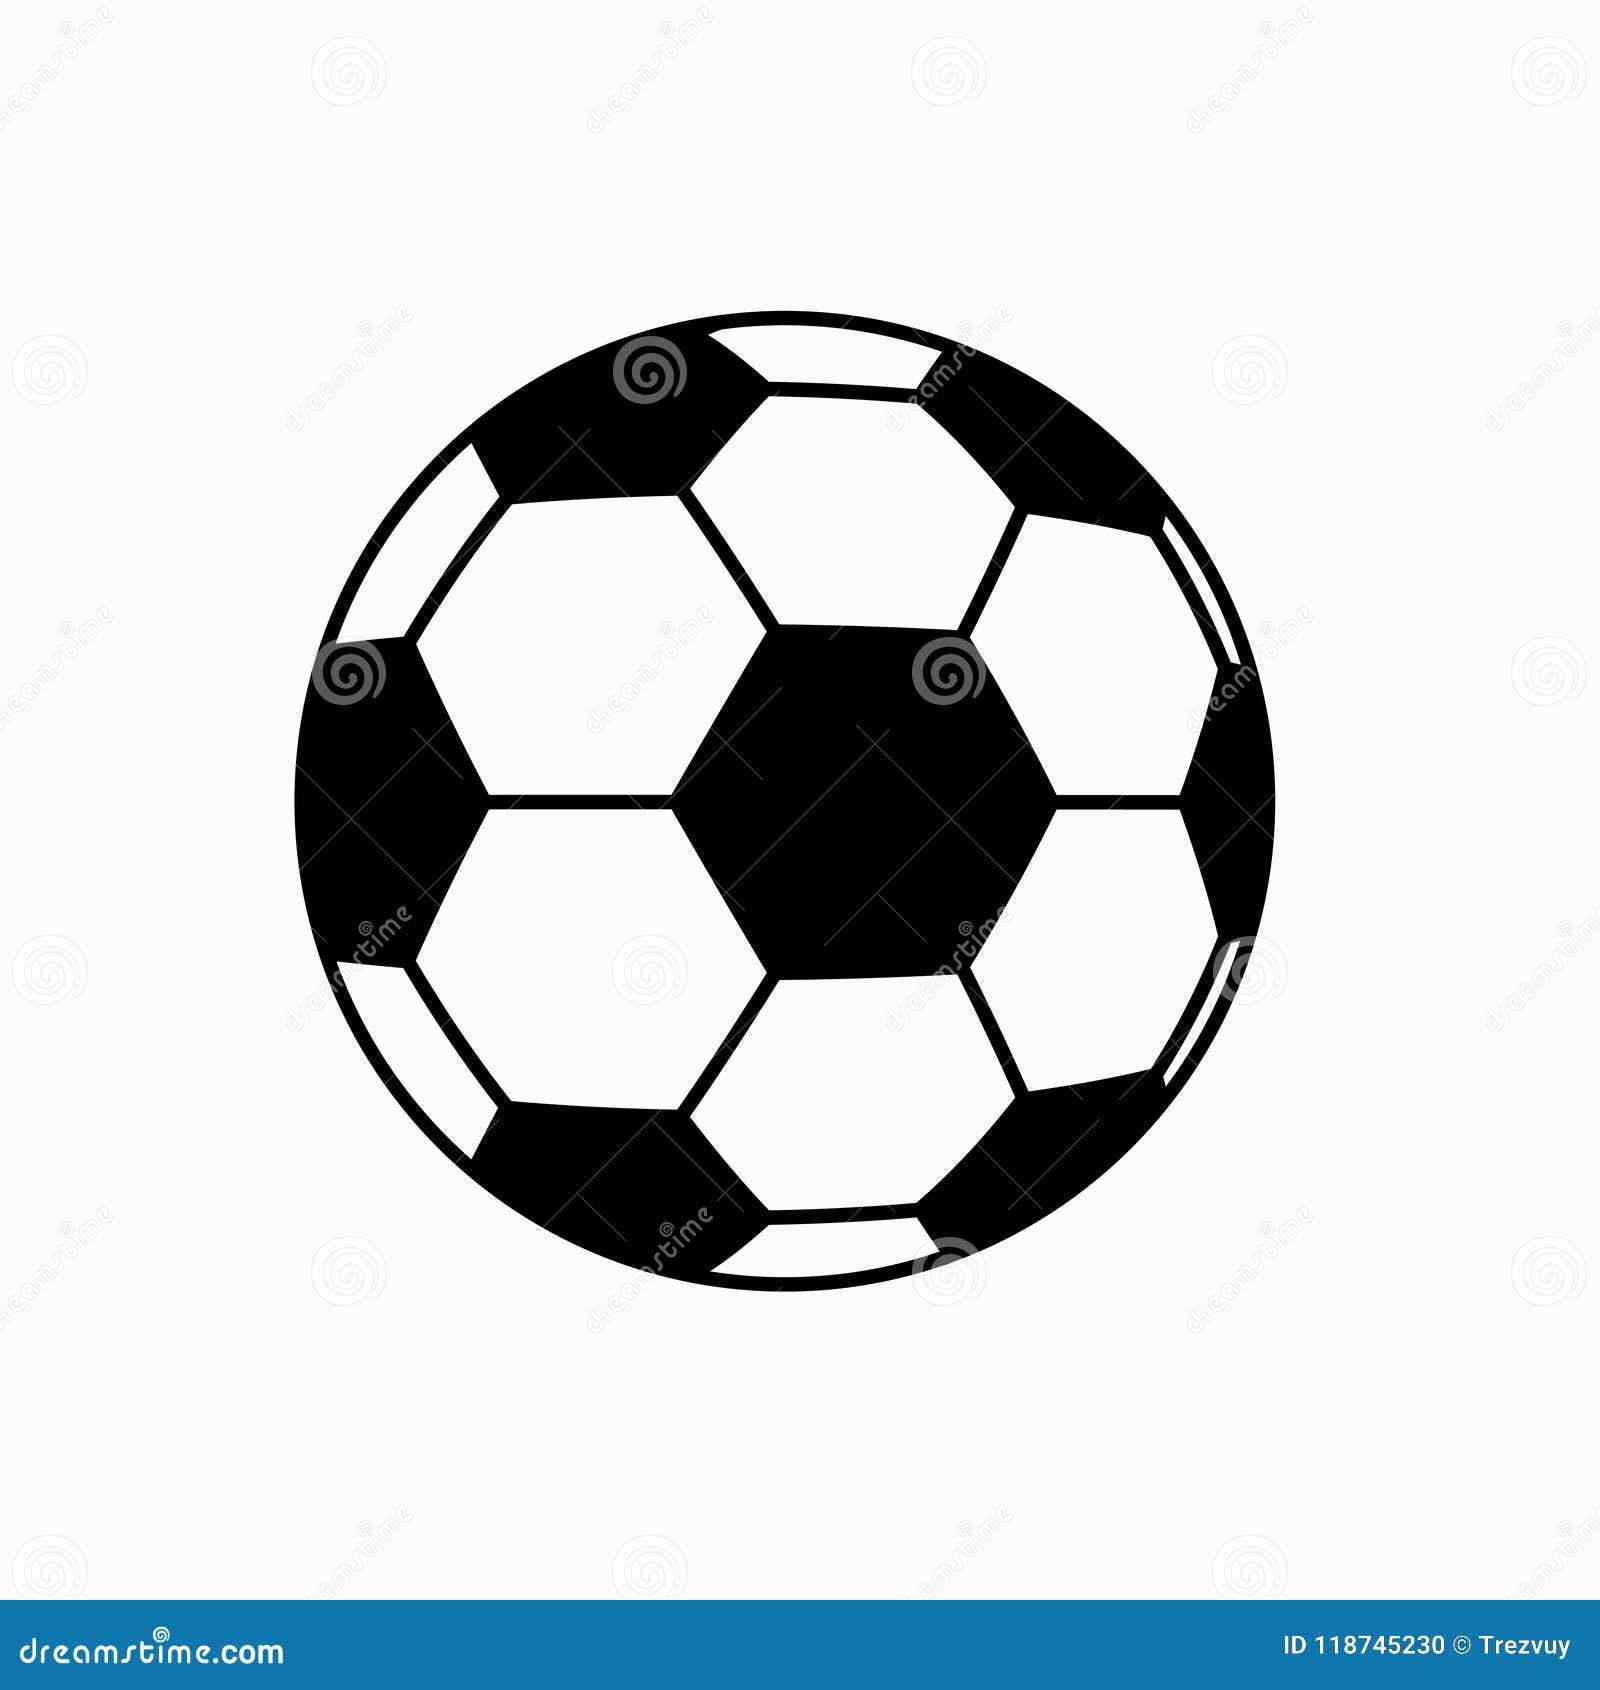 Fussballfussballikone Auf Weissem Hintergrund Vektor Abbildung